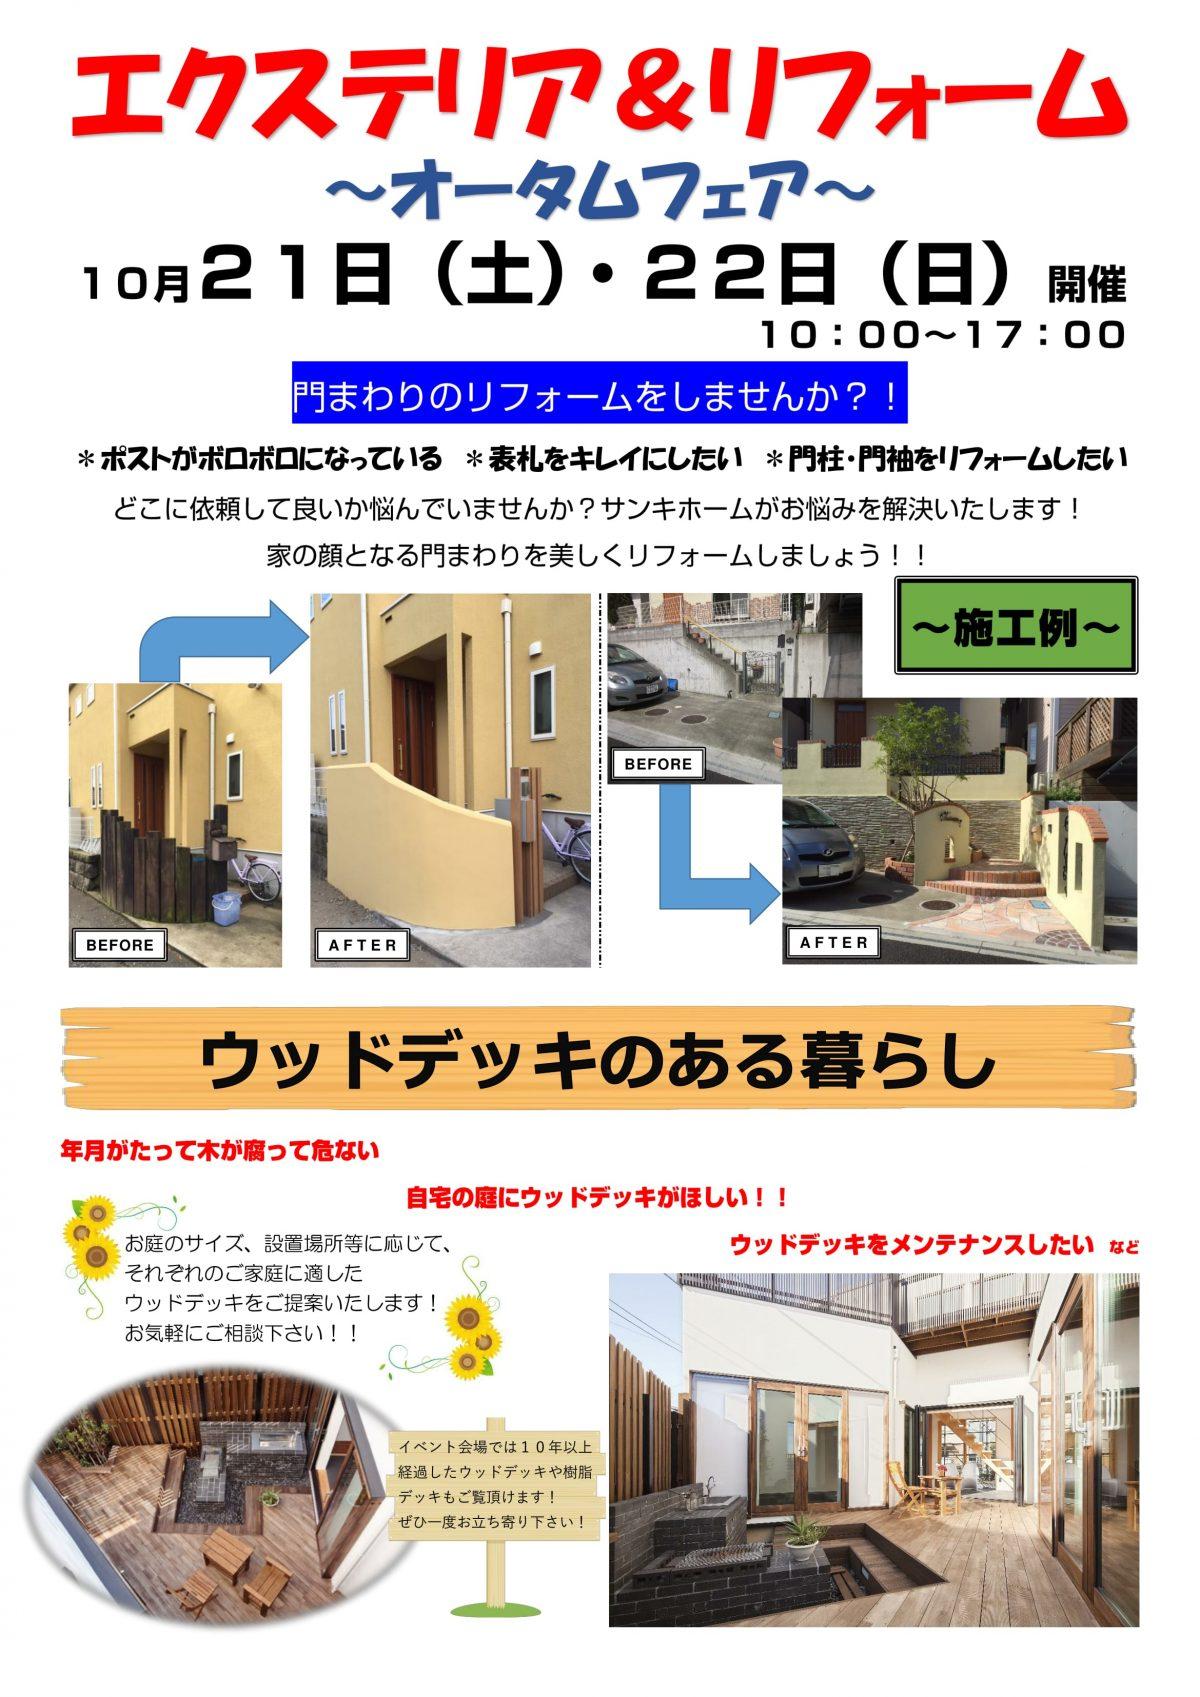 【2017年10月】エクステリア&リフォームフェア